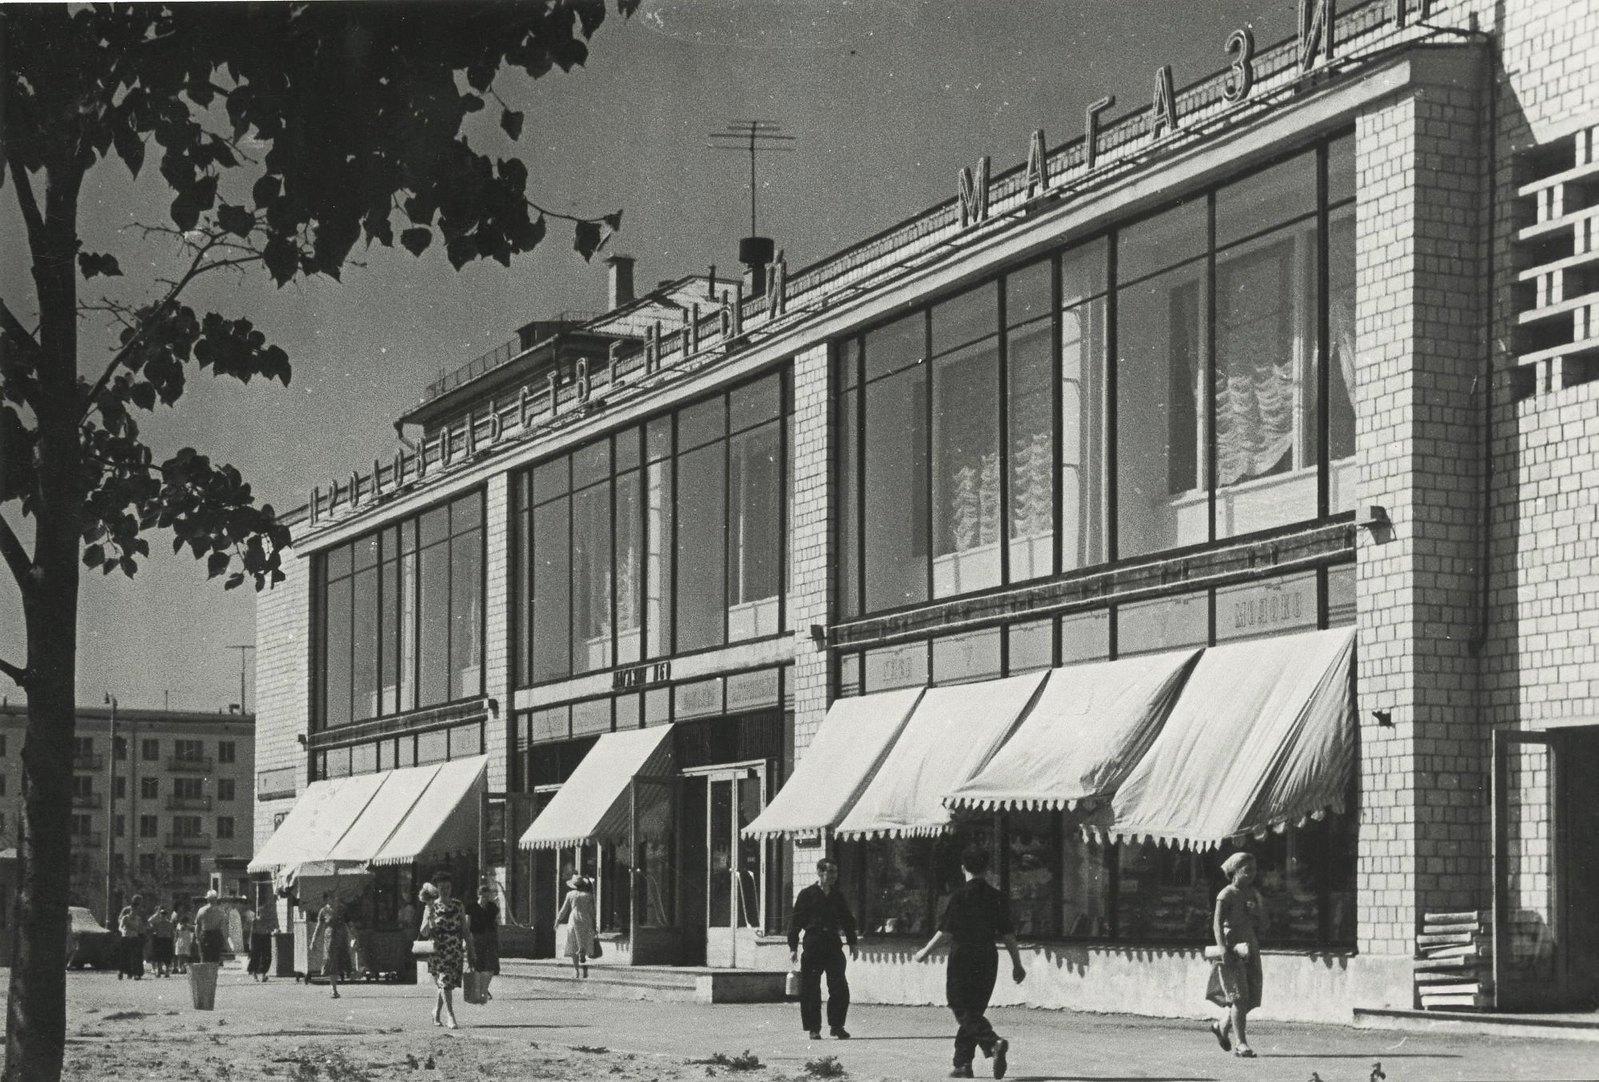 1950-е. Магазин на Хорошевском шоссе. Из серии «На окраинах Москвы»